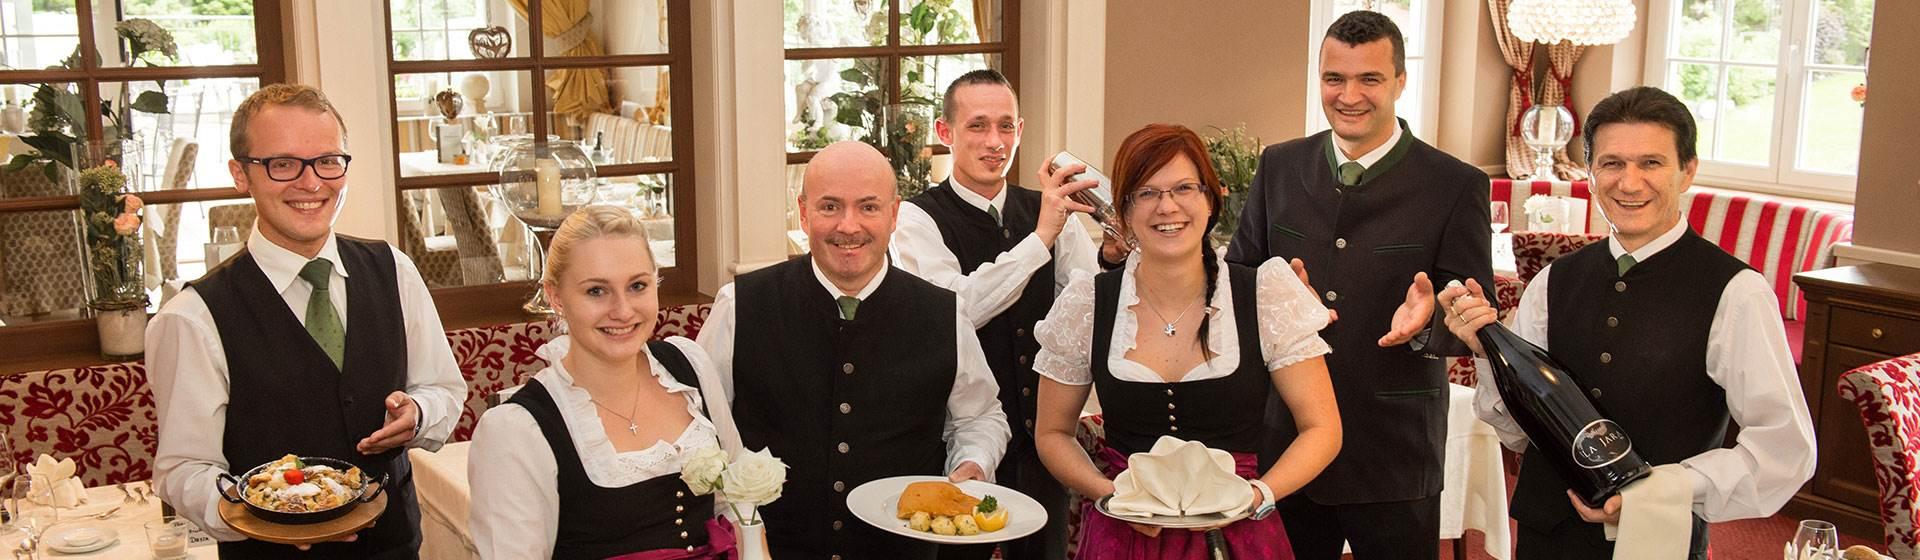 Hotel Serviceteam mit Speisen und Getränken